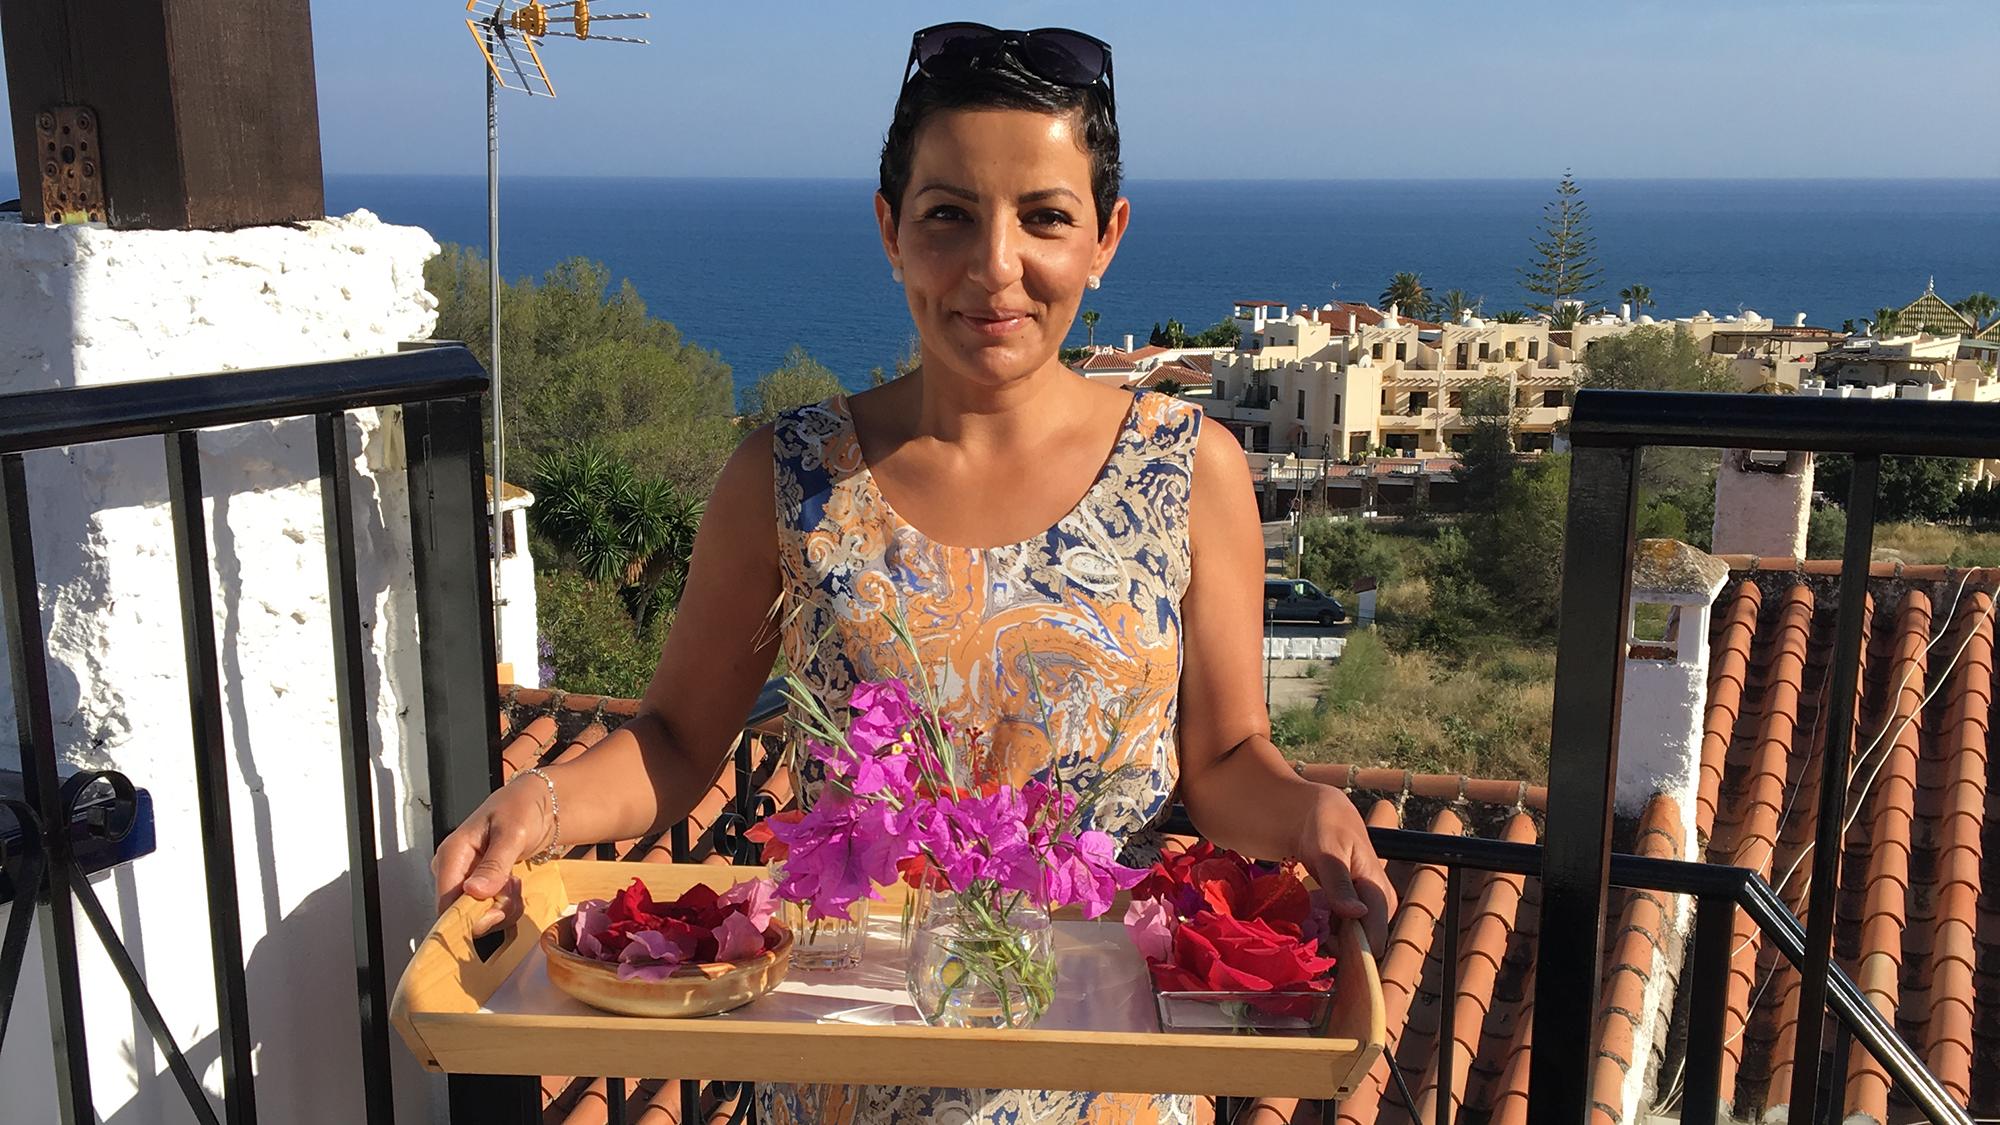 Hero Baqay håller i en bricka med blommor på en terass